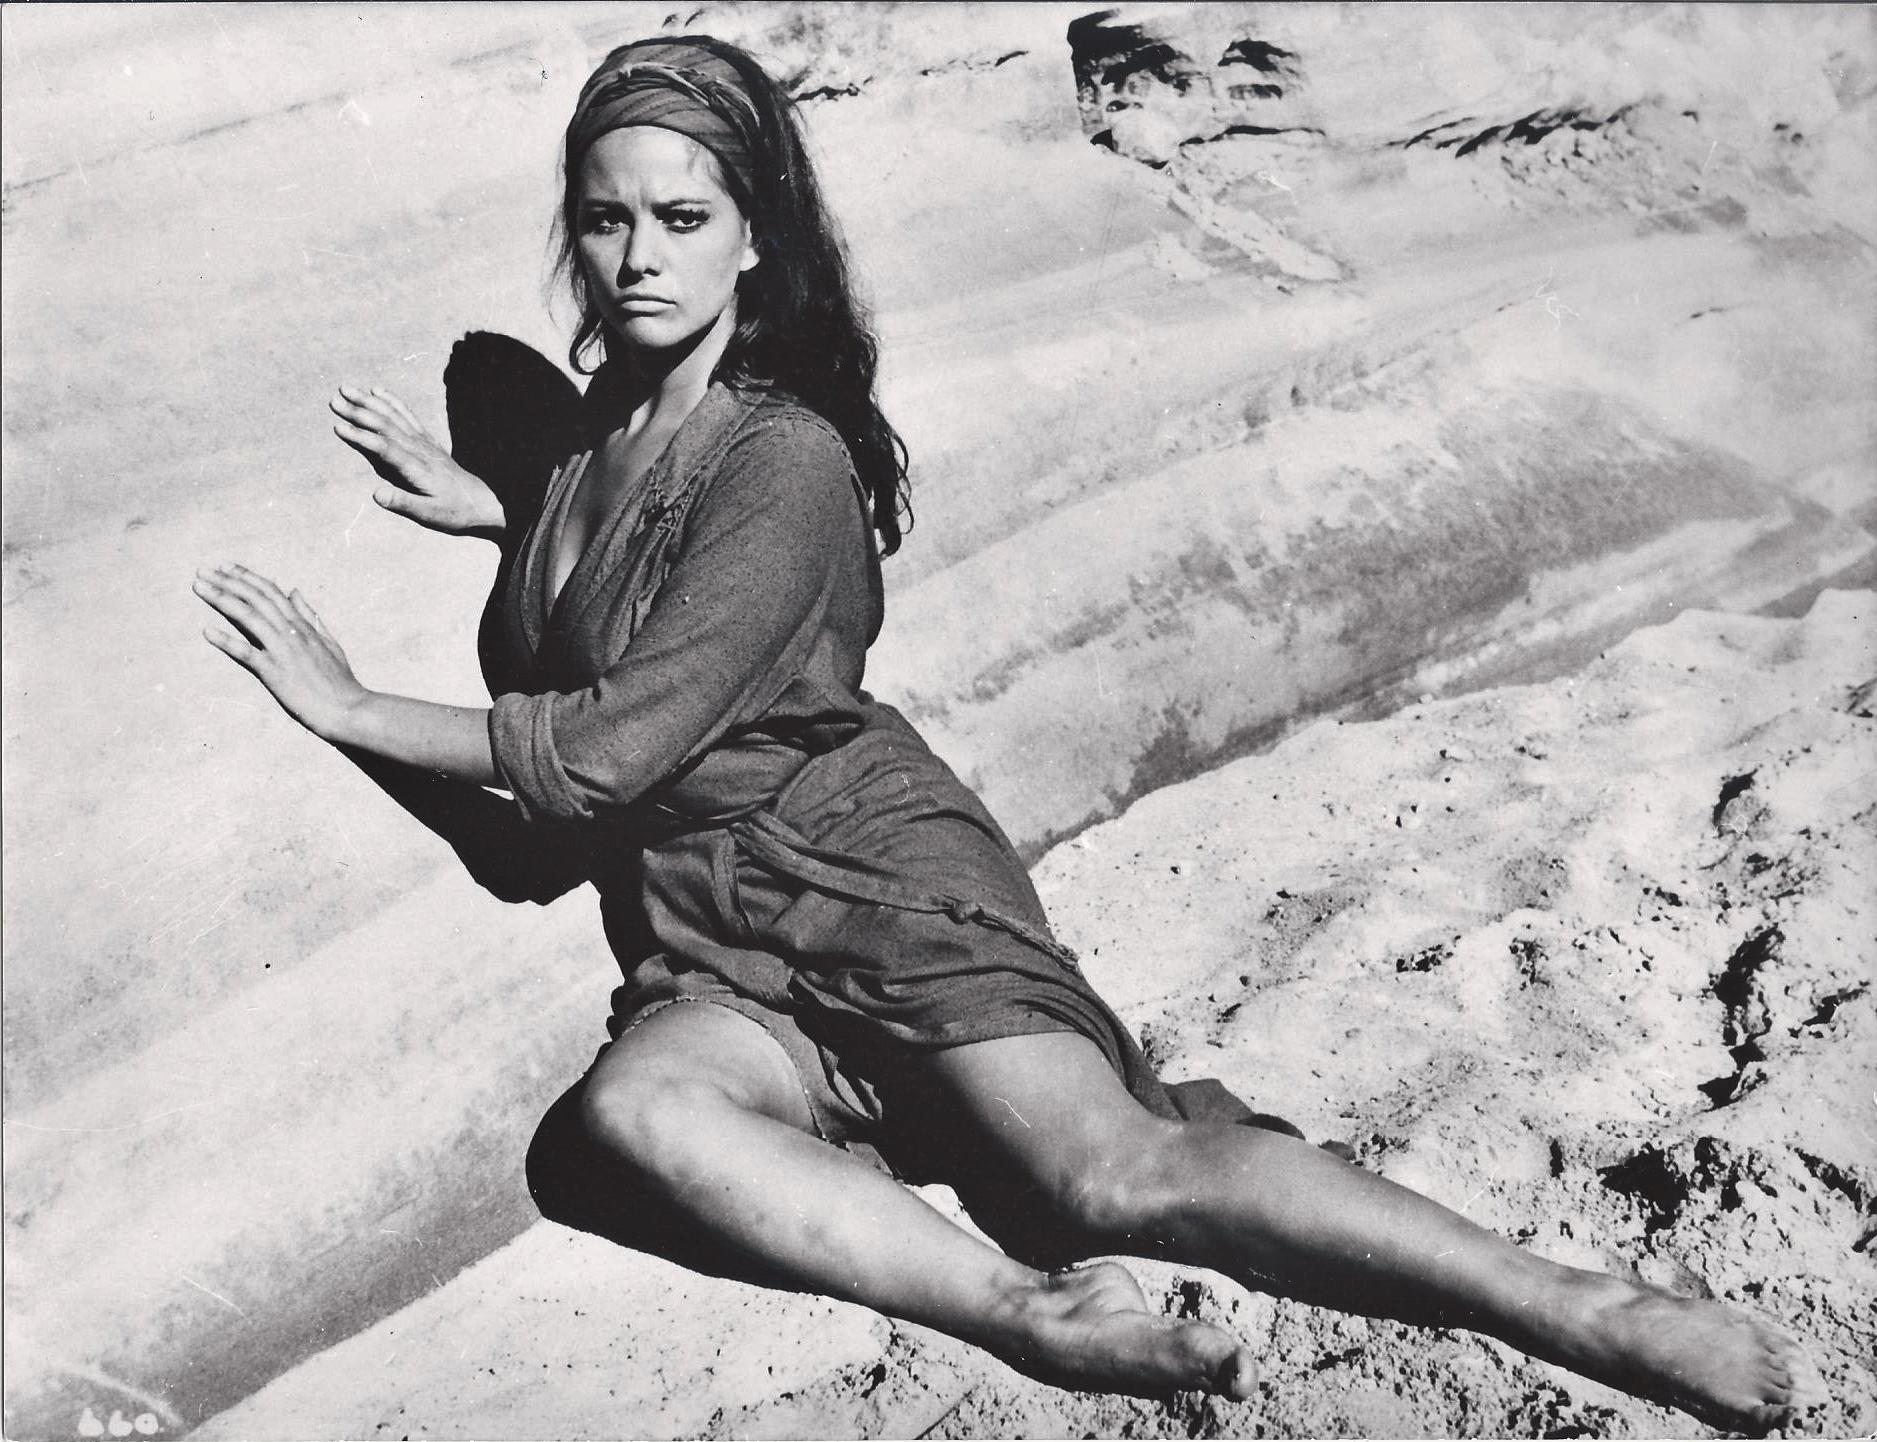 https://pics.wikifeet.com/Claudia-Cardinale-Feet-2749195.jpg